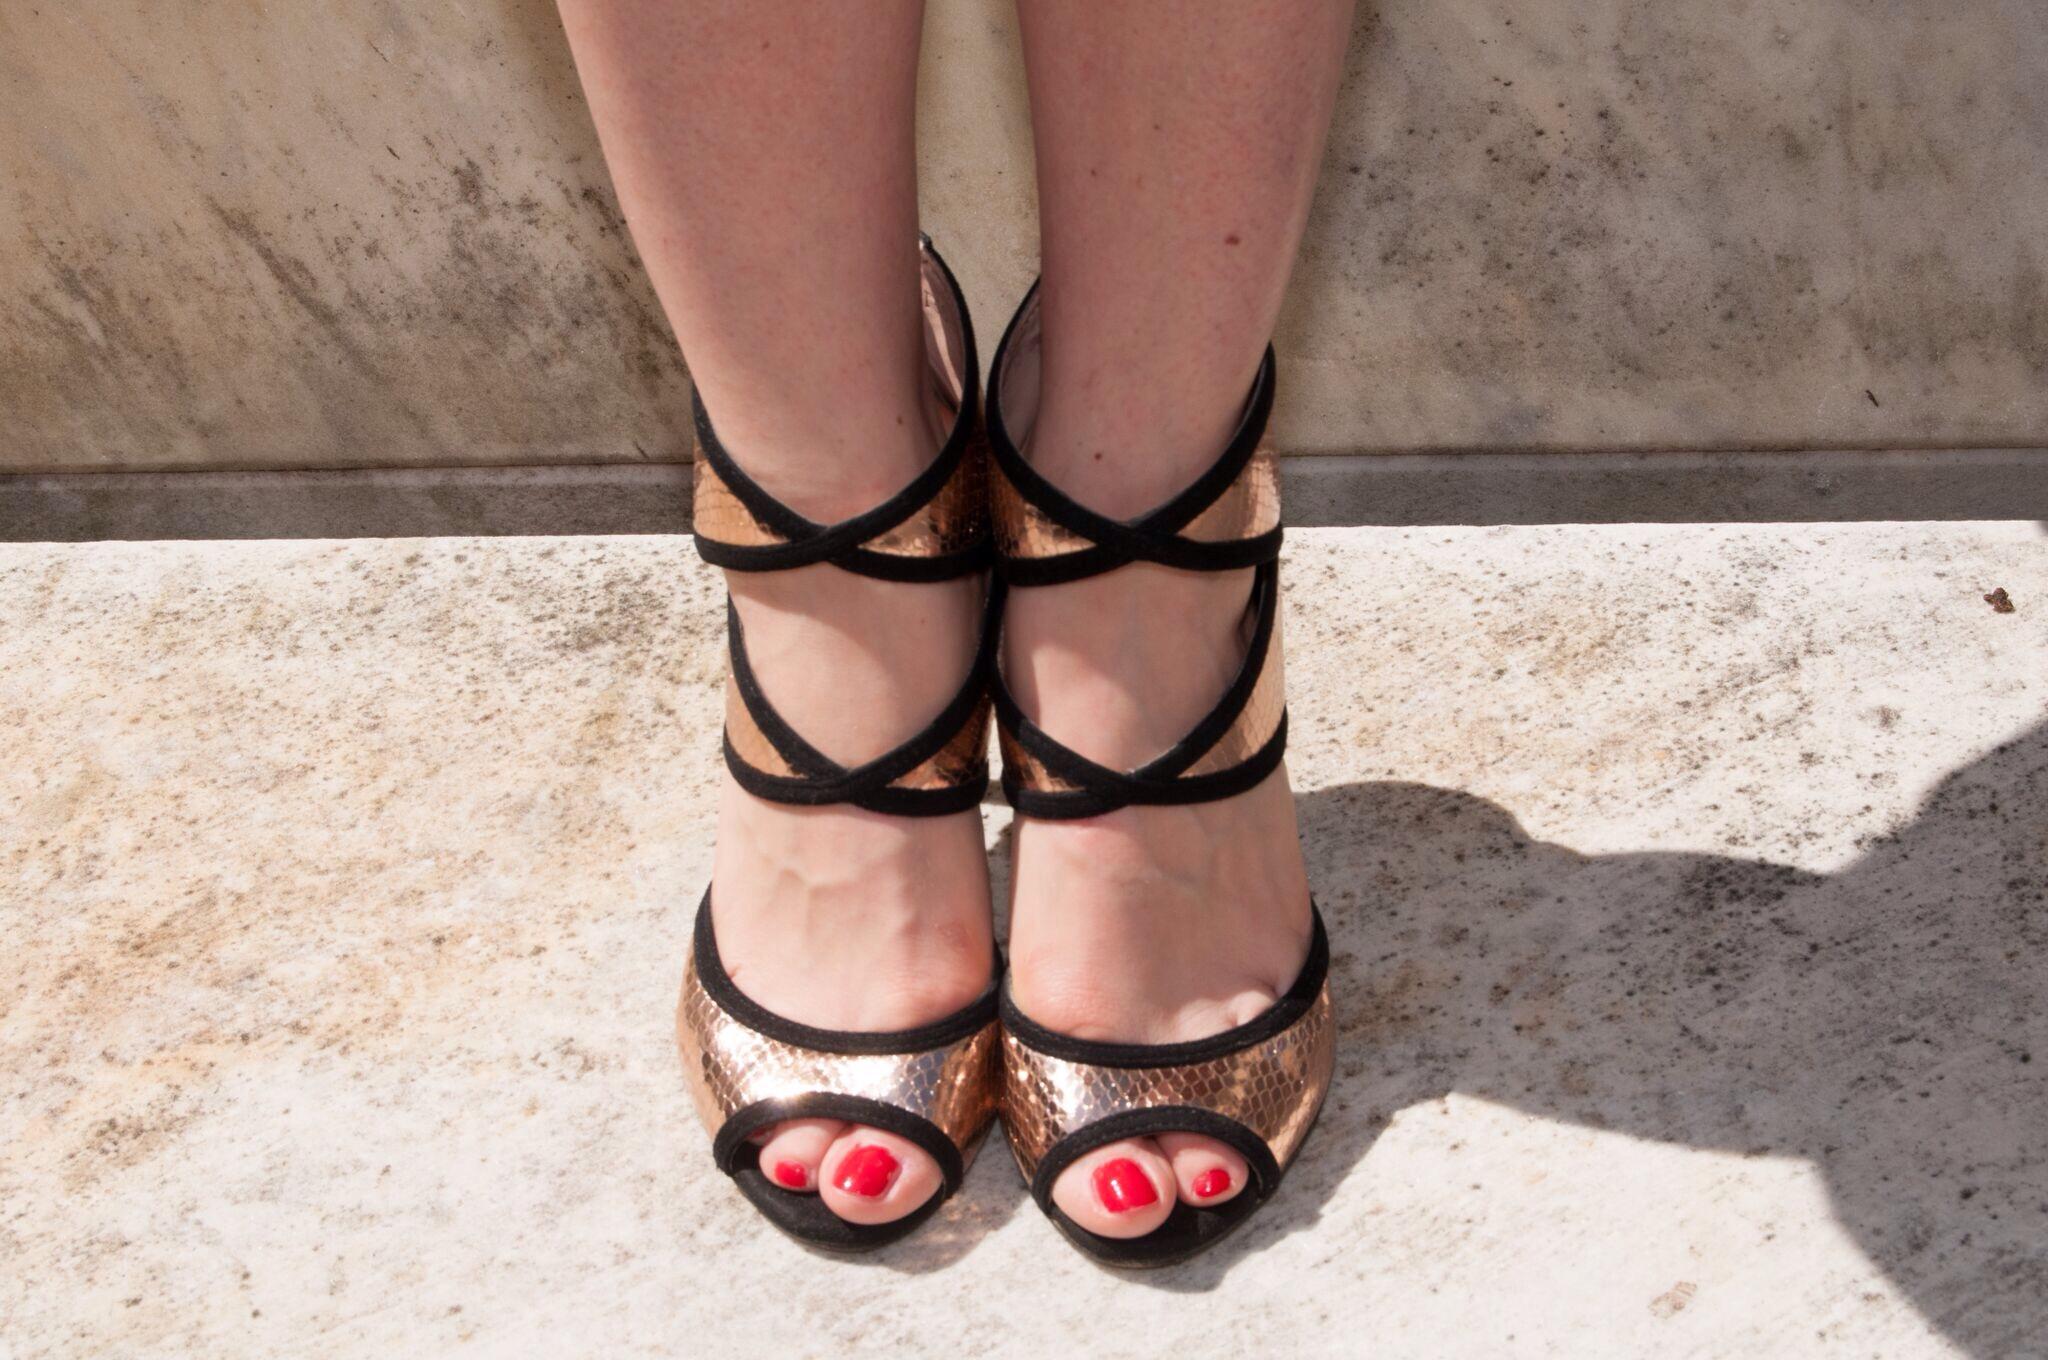 sandalo tronchetto metsl- metal ancle boots- personal shopper genova